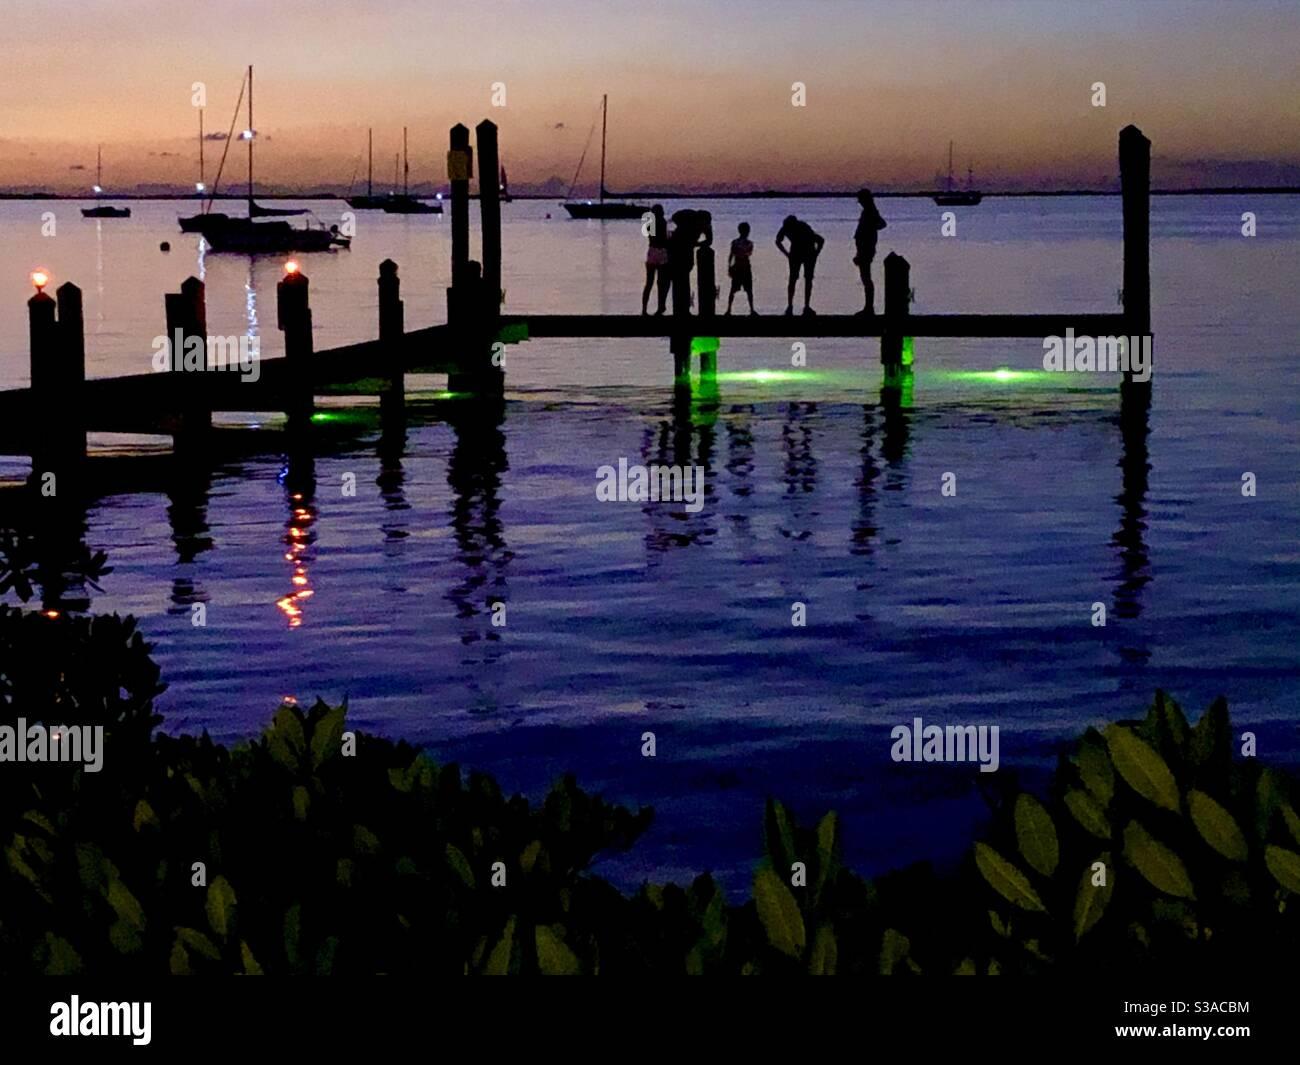 Silhouette de plusieurs personnes debout sur un quai après le coucher du soleil avec des voiliers dans l'eau. Banque D'Images